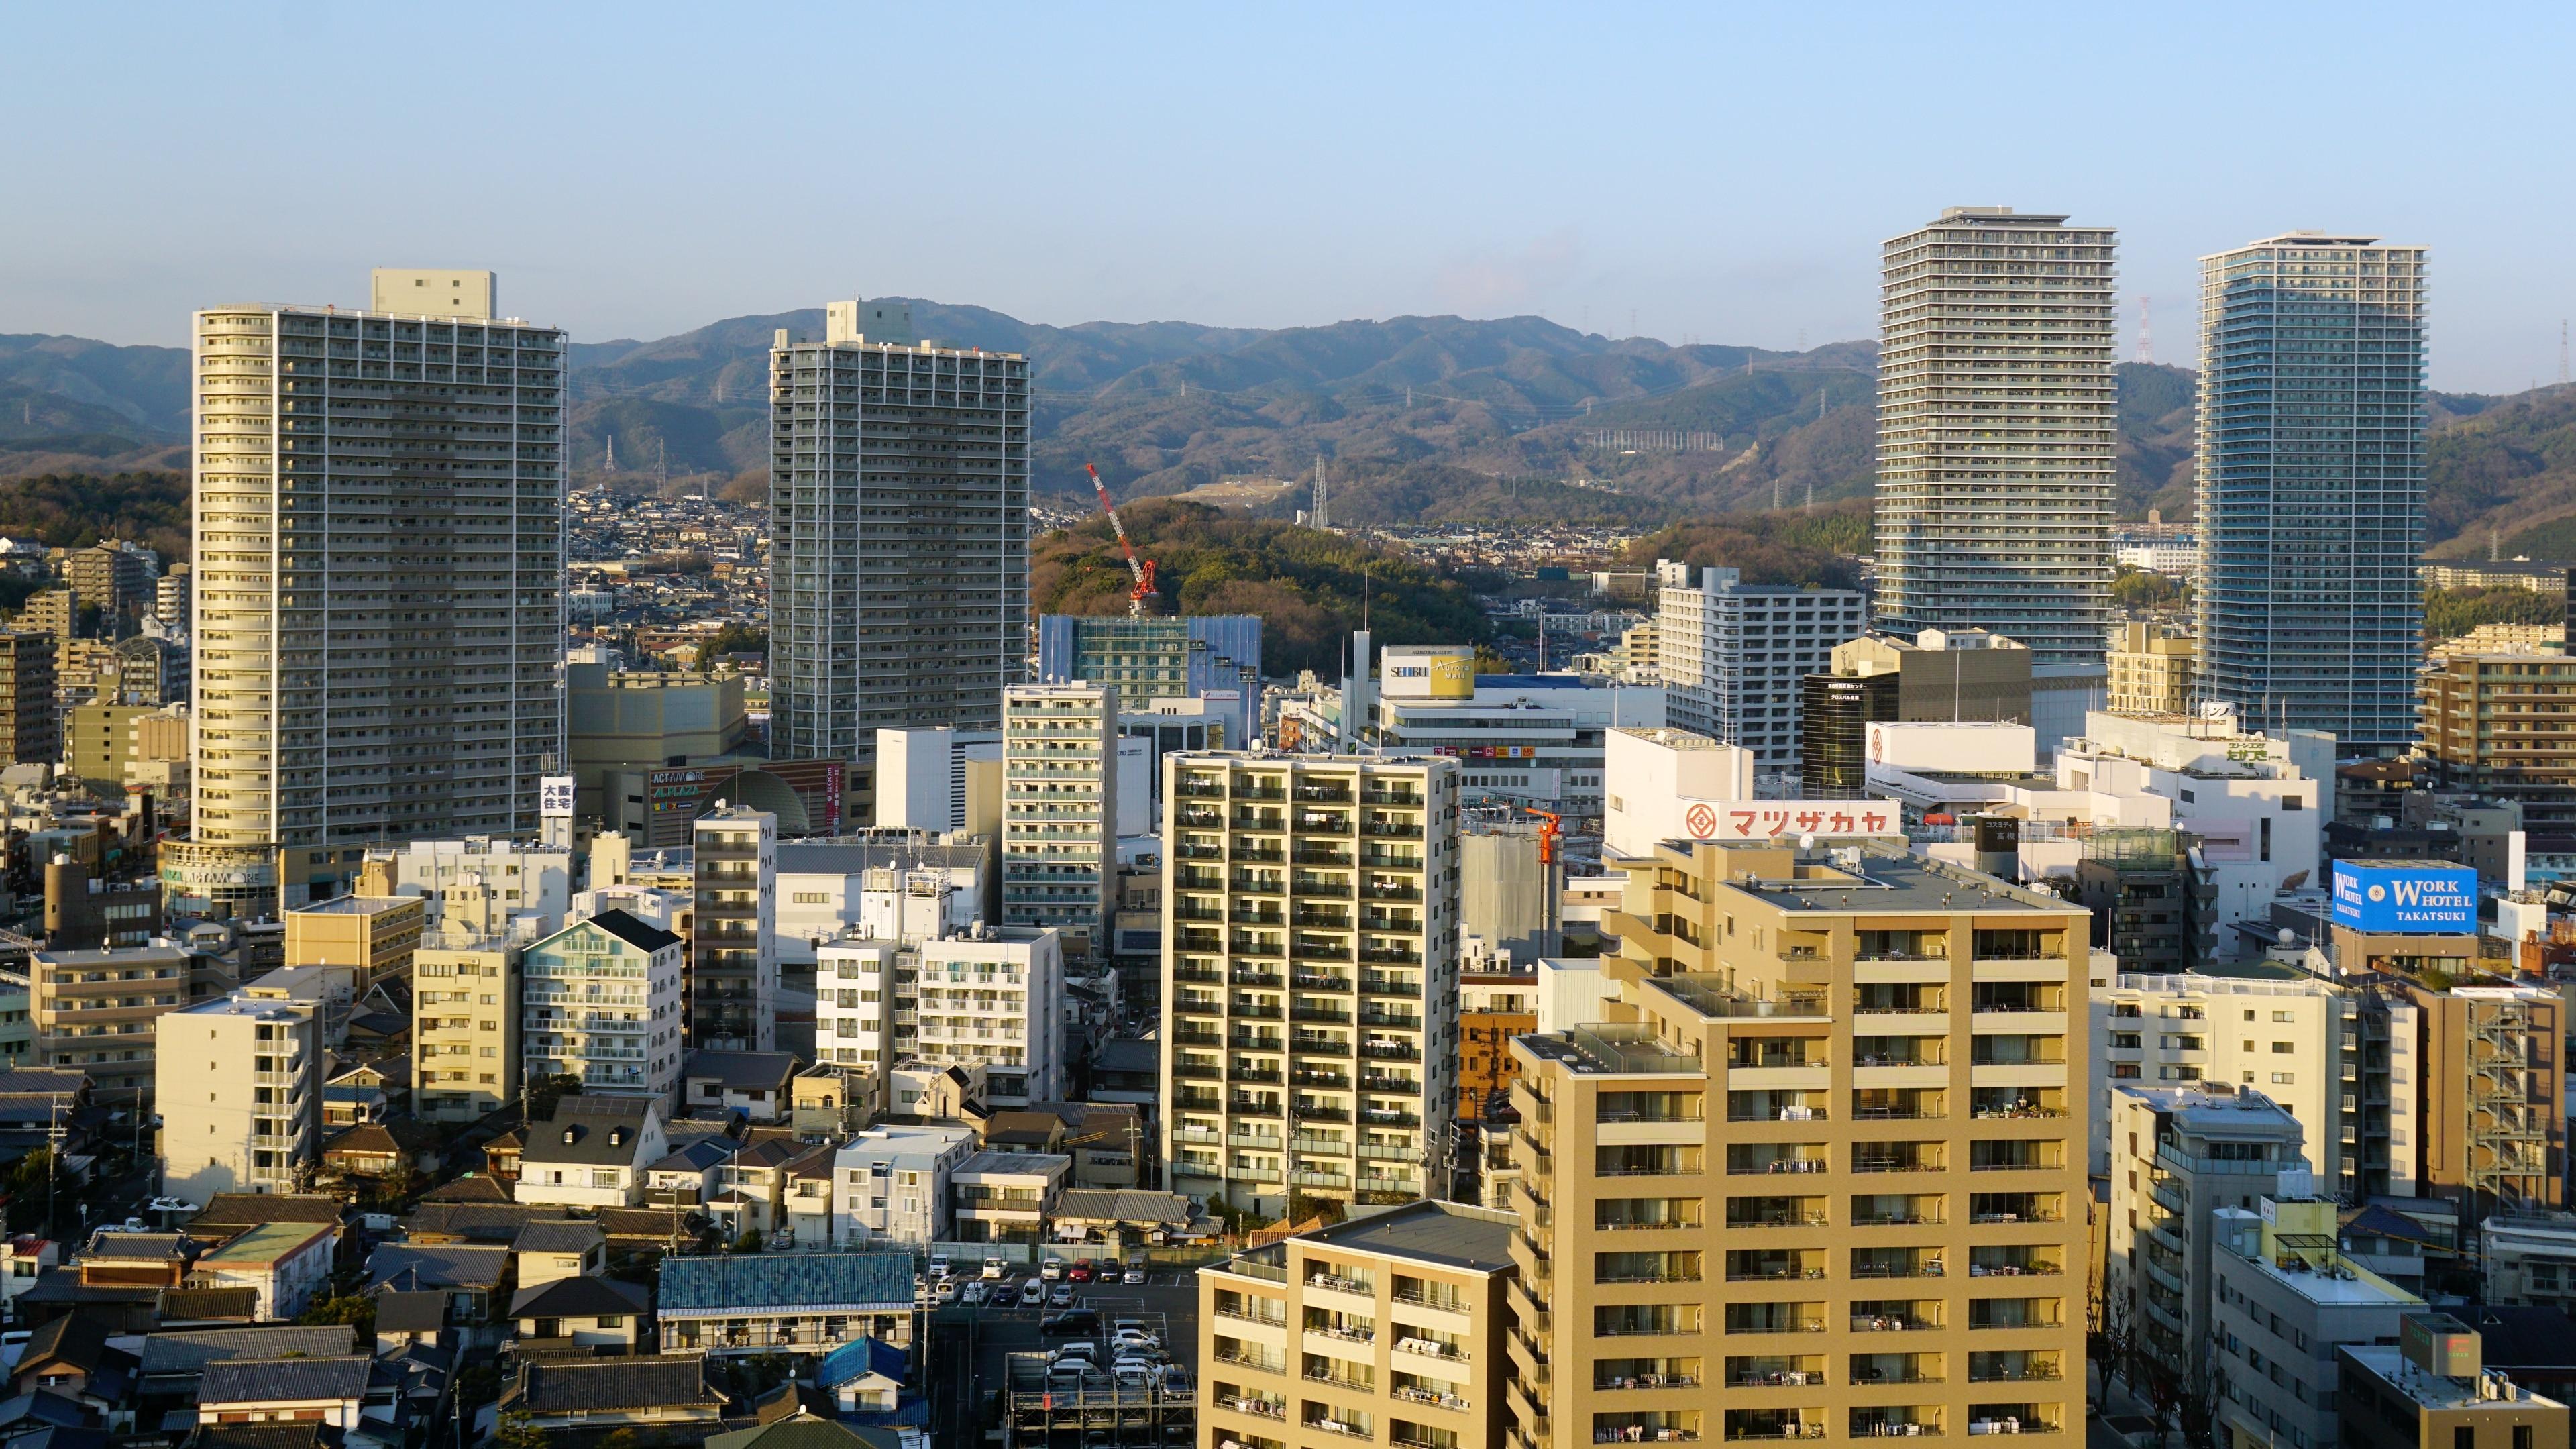 Takatsuki, Osaka (præfektur), Japan